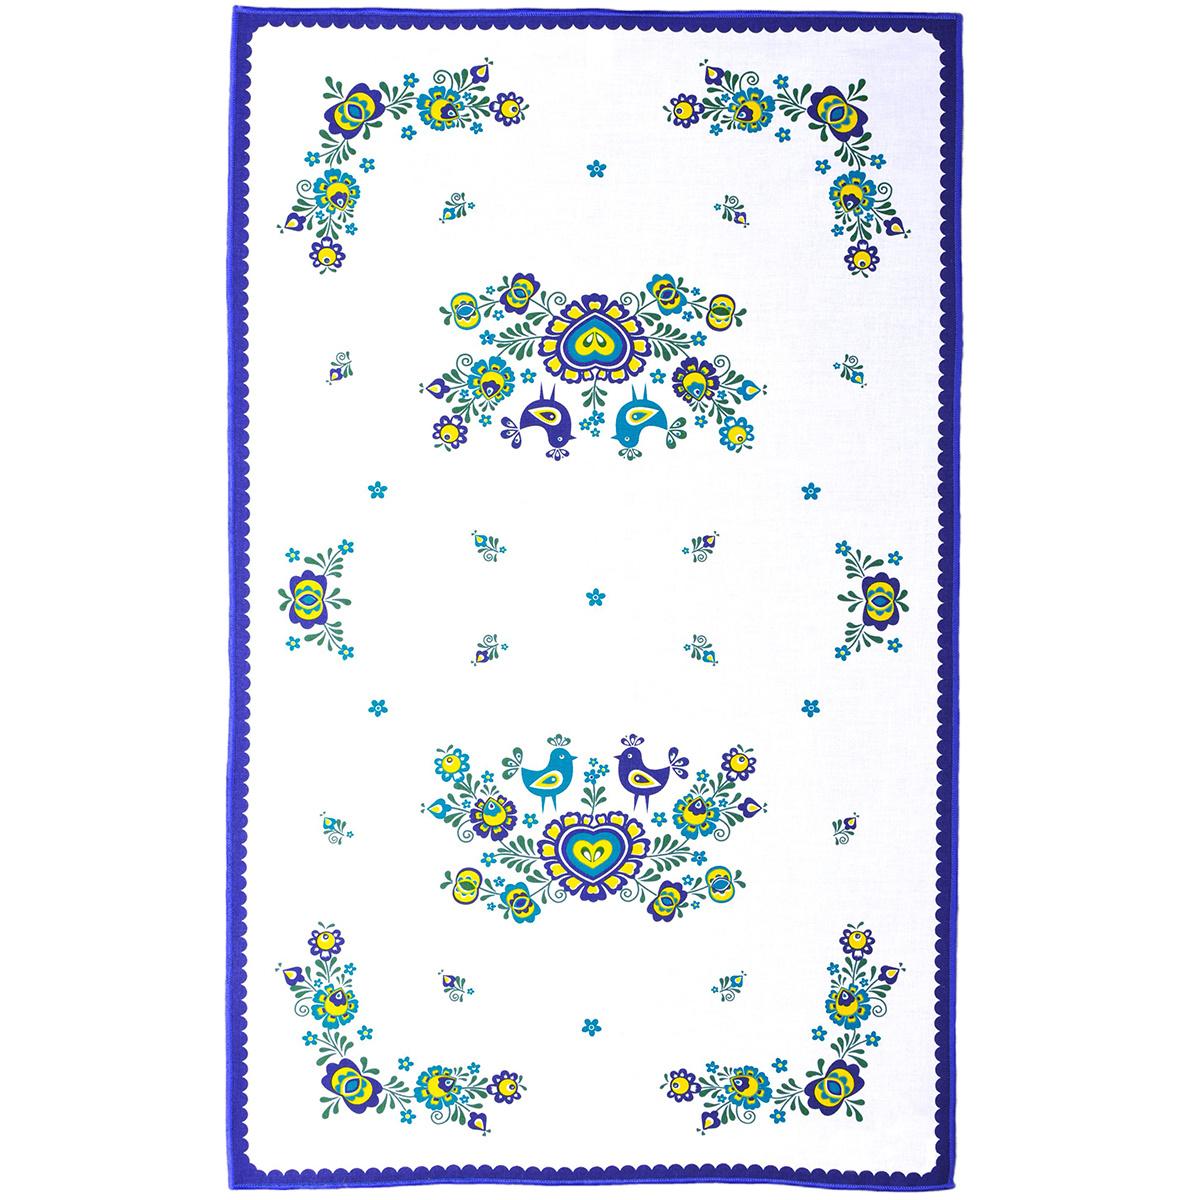 Ścierka Folklor niebieska, 45 x 70 cm, zestaw 3 szt.